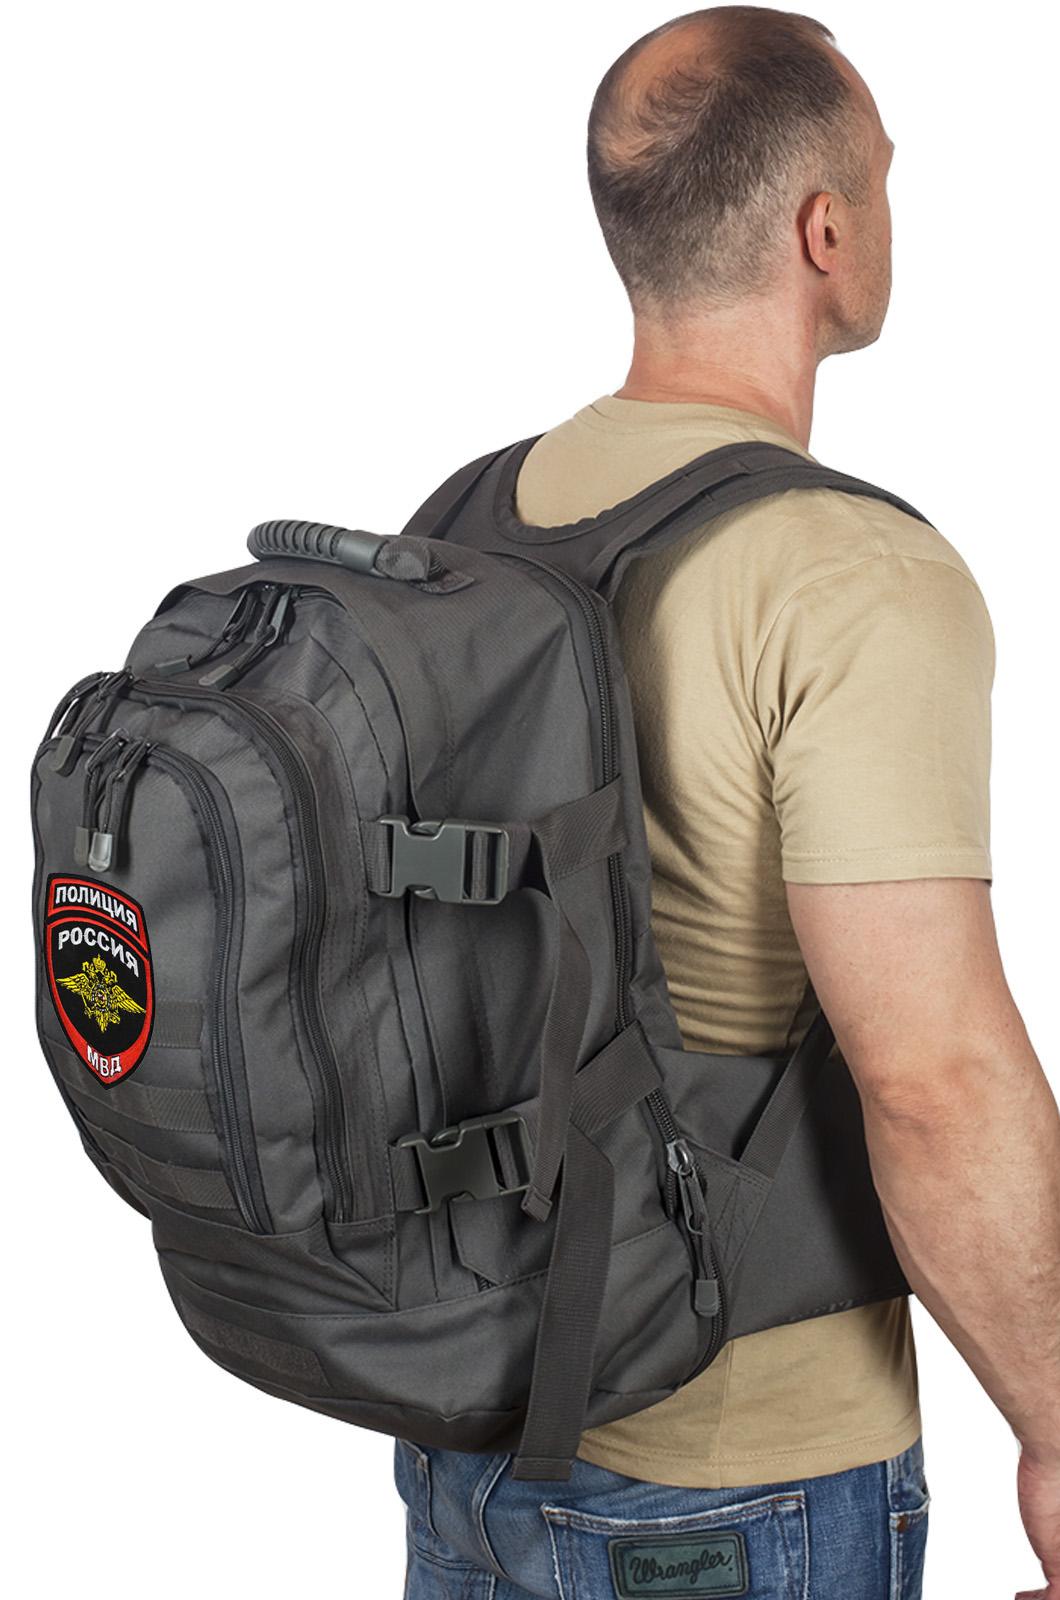 Армейский универсальный рюкзак с нашивкой Полиция России - заказать выгодно